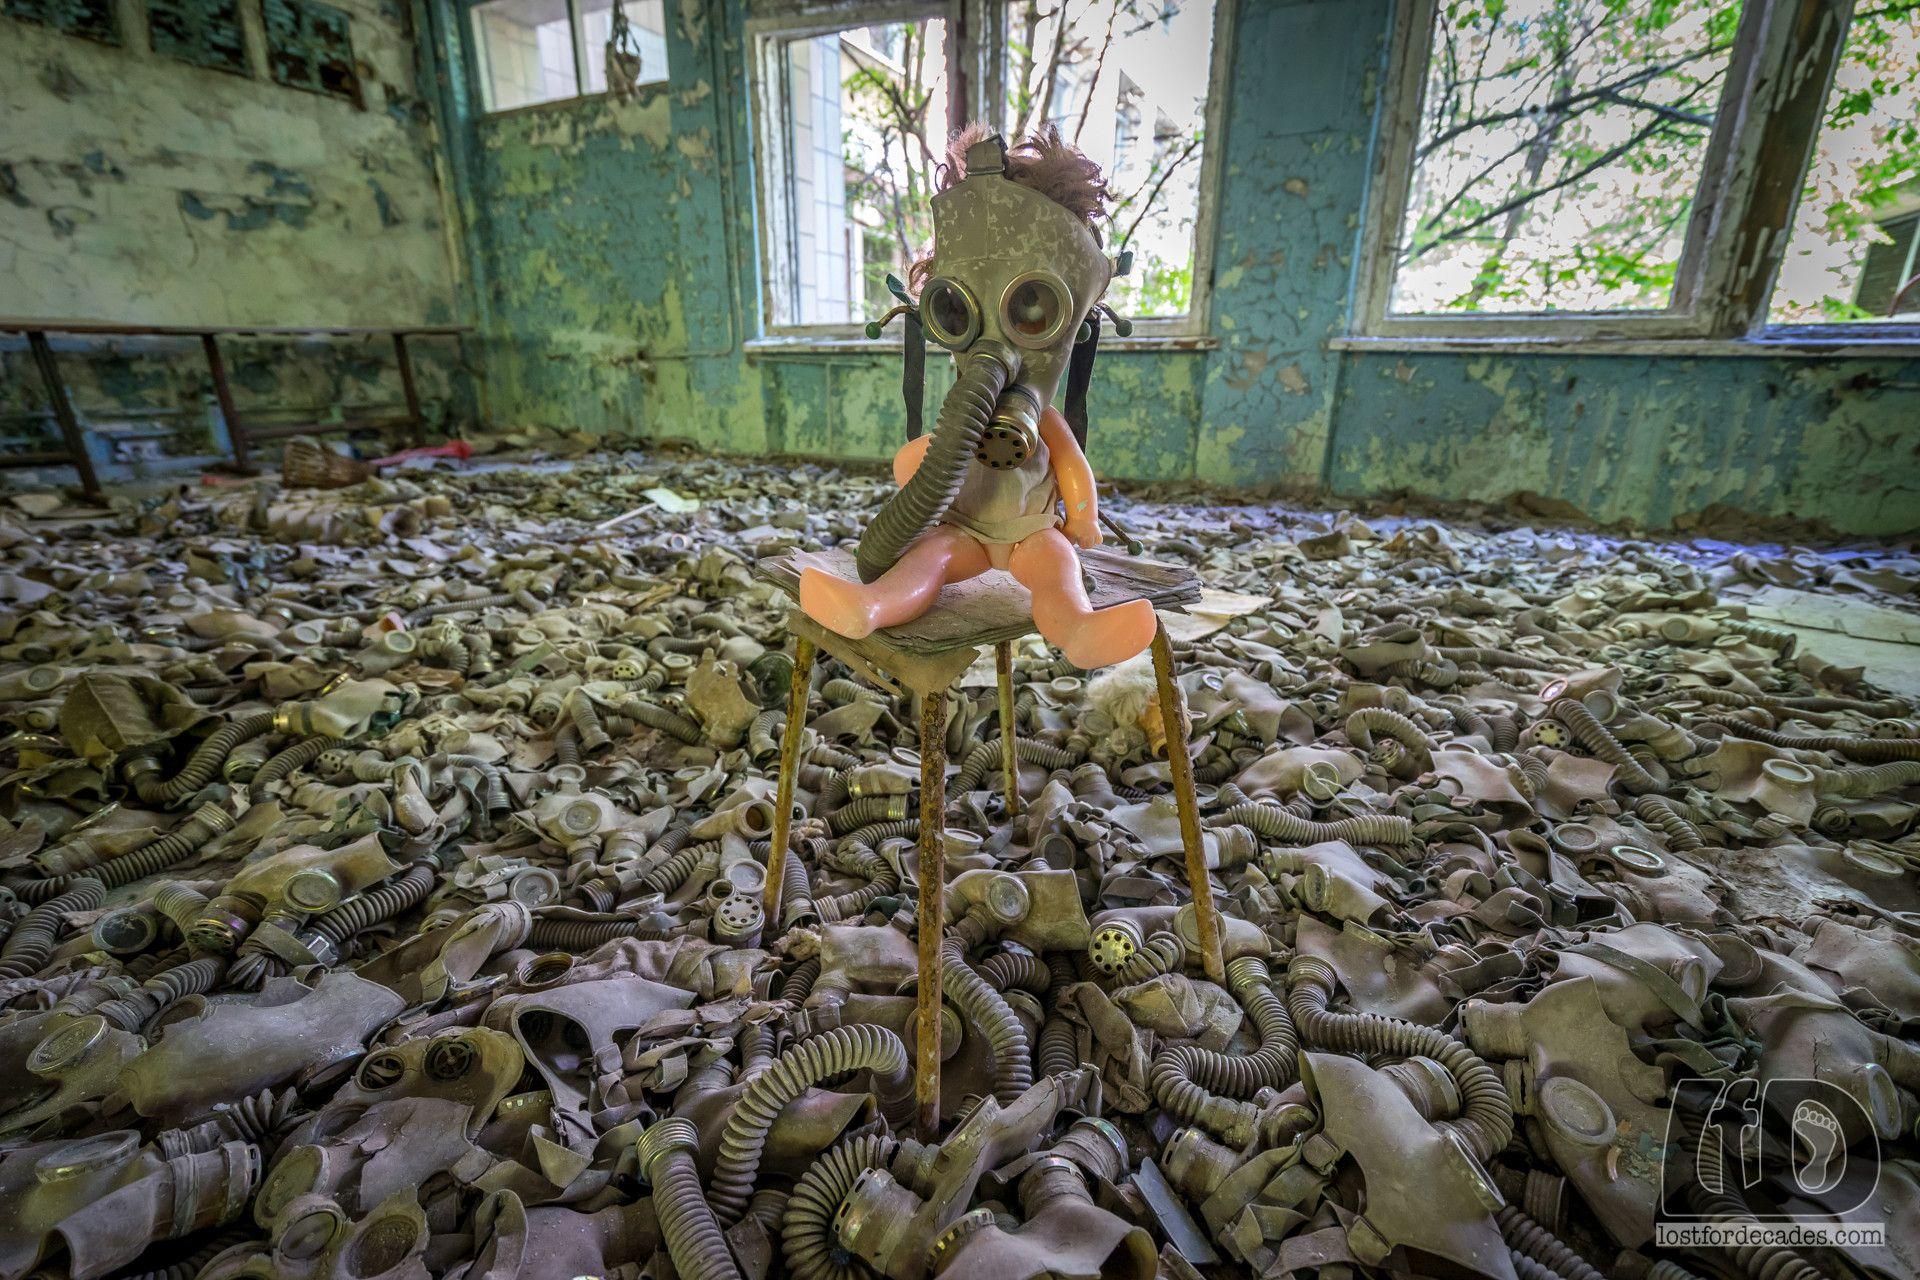 Chernobyl Chernobyl Tour Chernobyl Diaries Chernobyl 2016